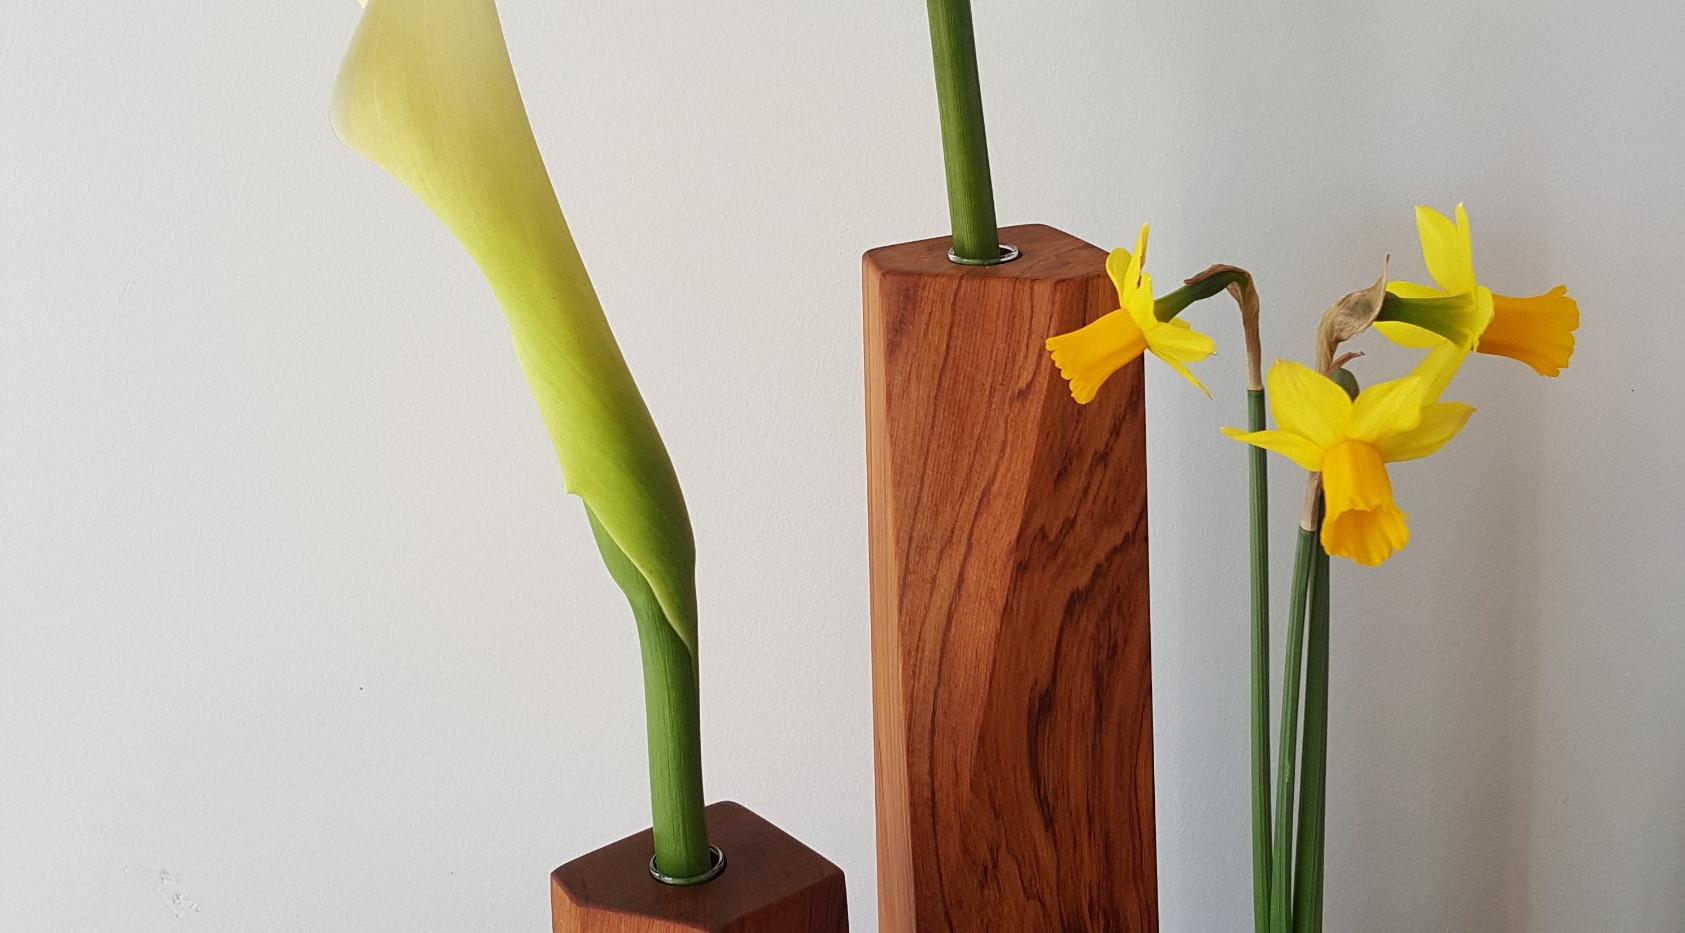 Shard vases - mixed